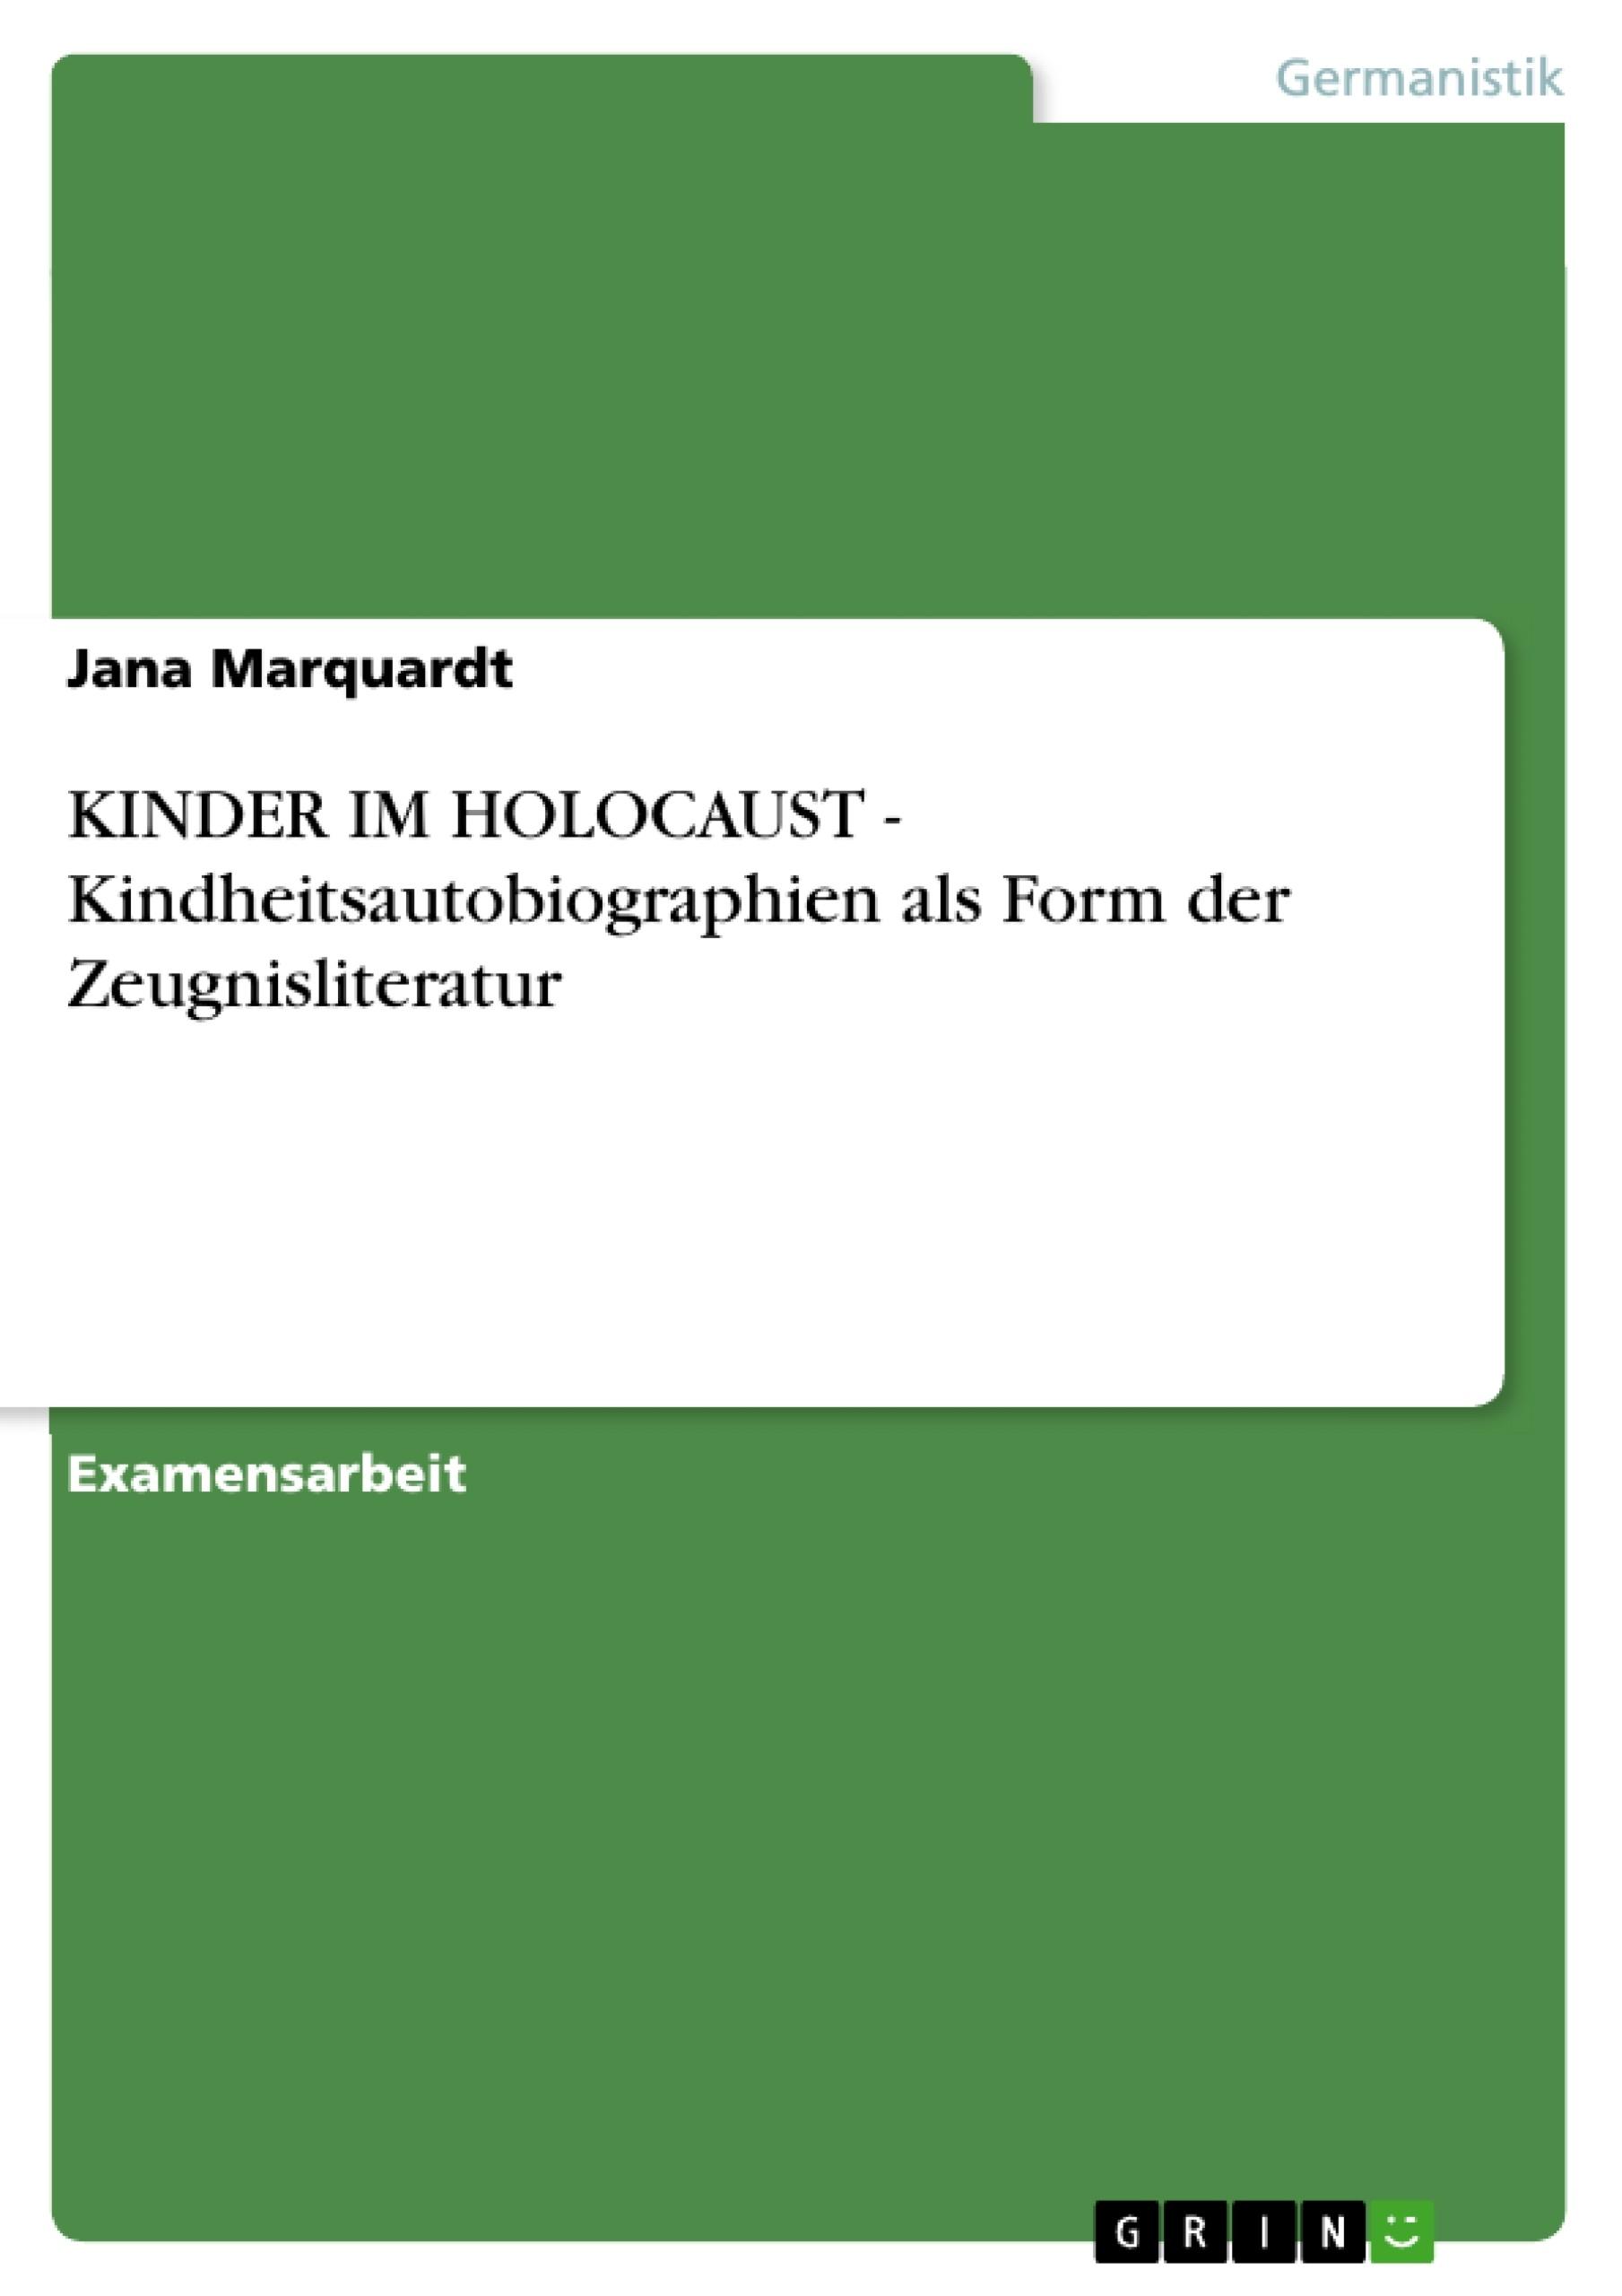 Titel: KINDER IM HOLOCAUST - Kindheitsautobiographien als Form der Zeugnisliteratur